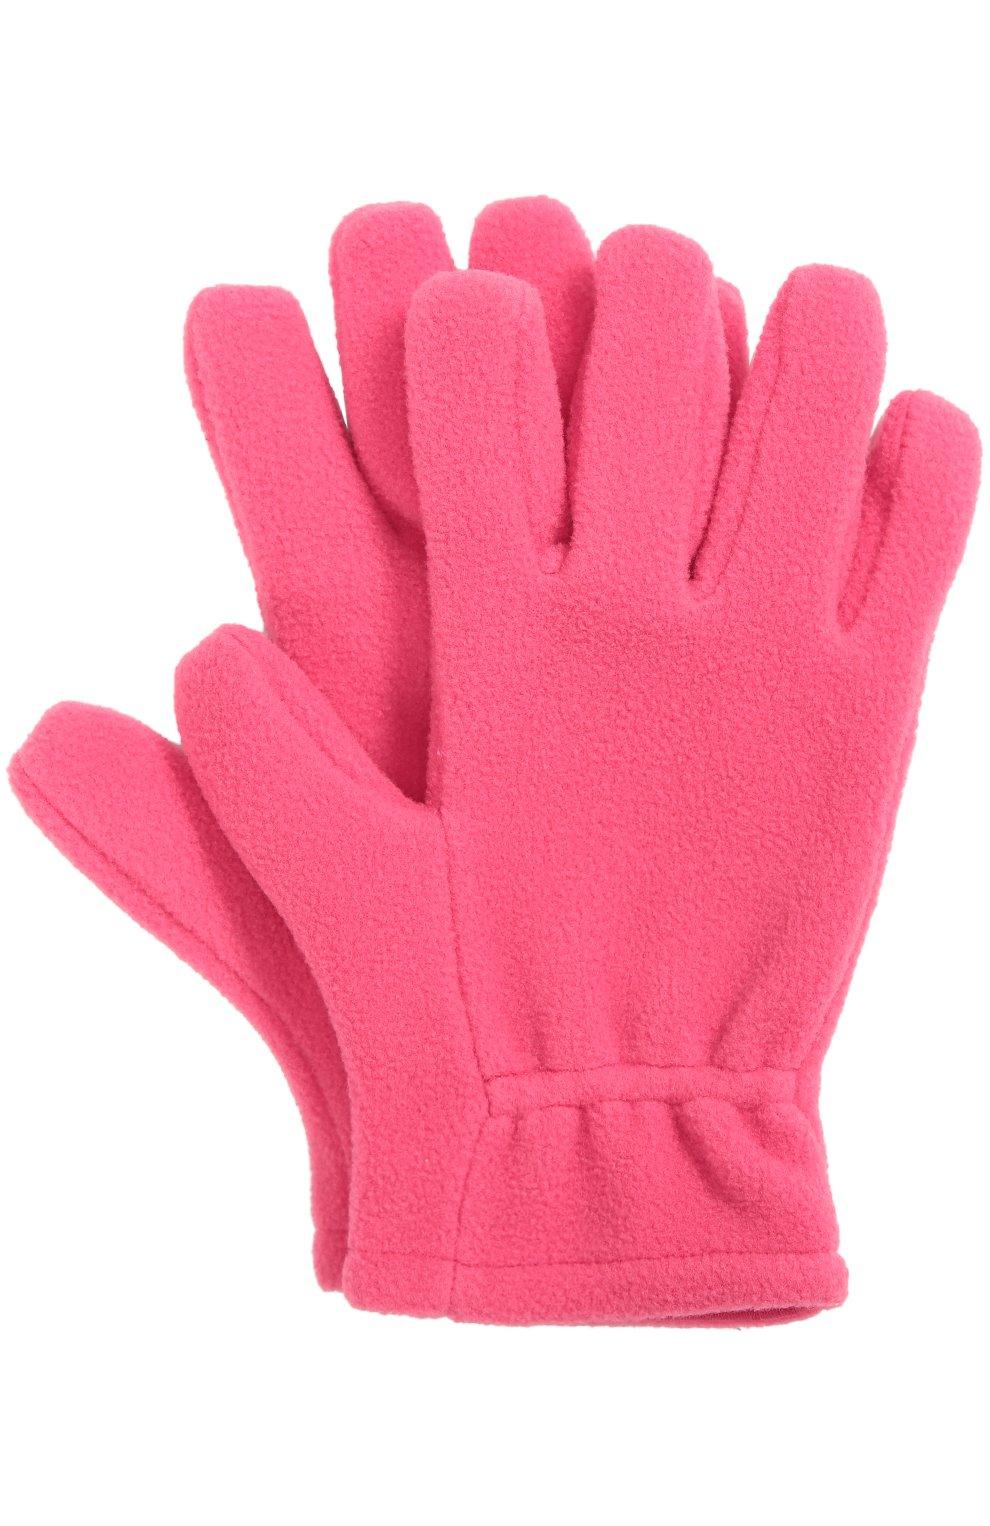 Детские флисовые перчатки с логотипом бренда MONCLER ENFANT фуксия цвета, арт. B2-954-00567-05-80380 | Фото 1